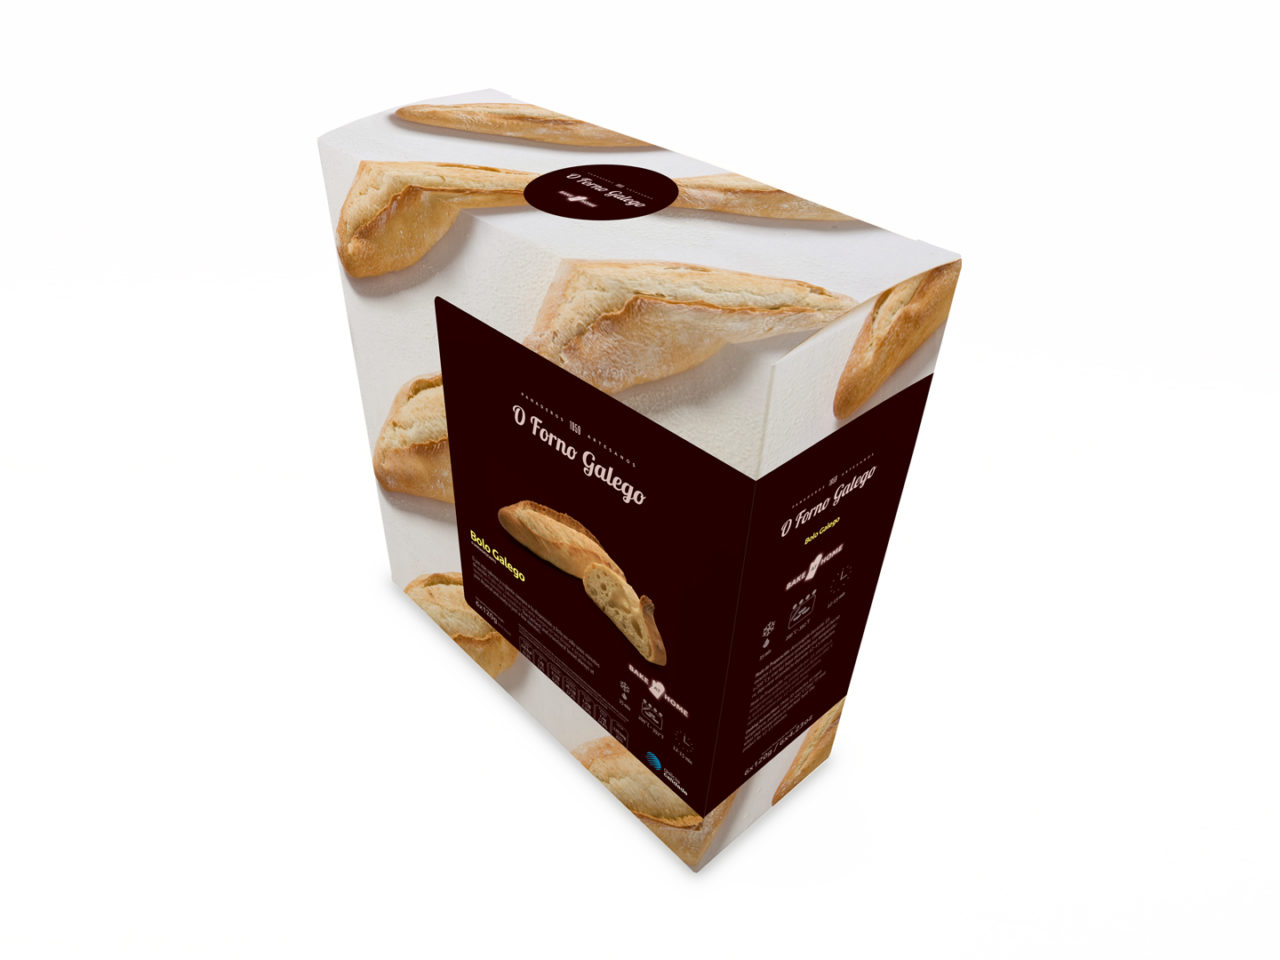 Packaging pan conxelado O Forno Galego